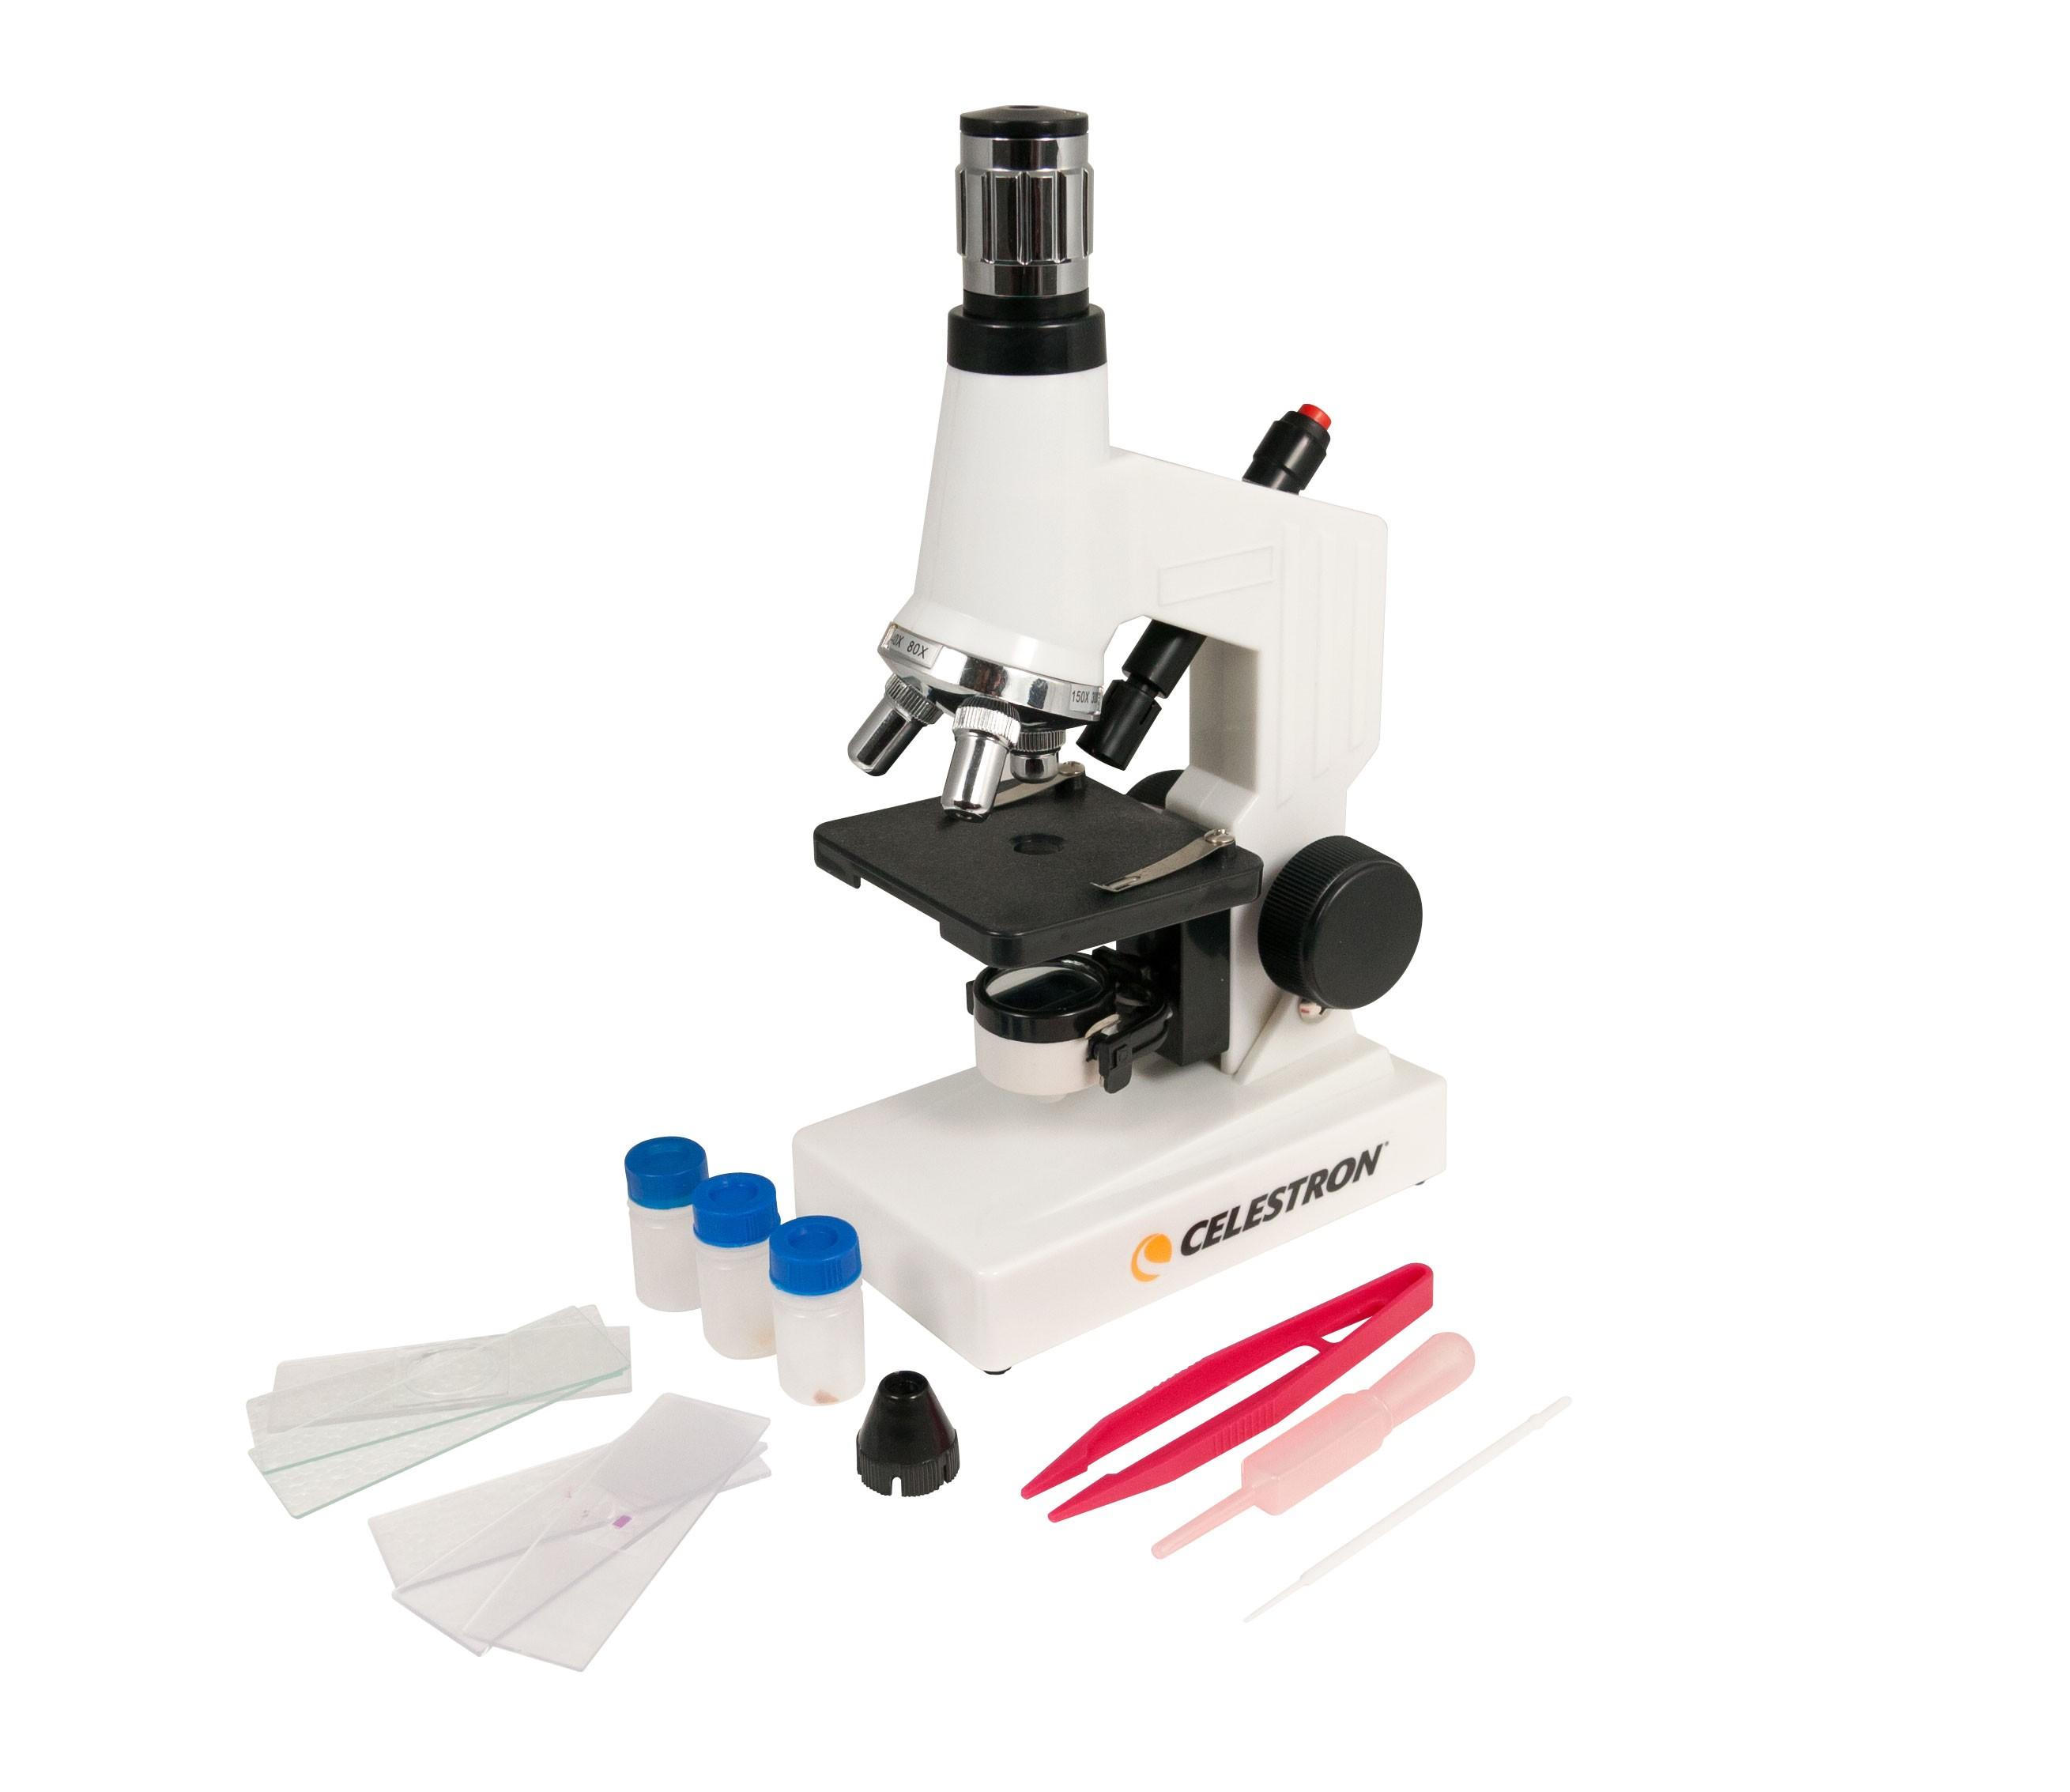 Biologisches Mikroskop Kit